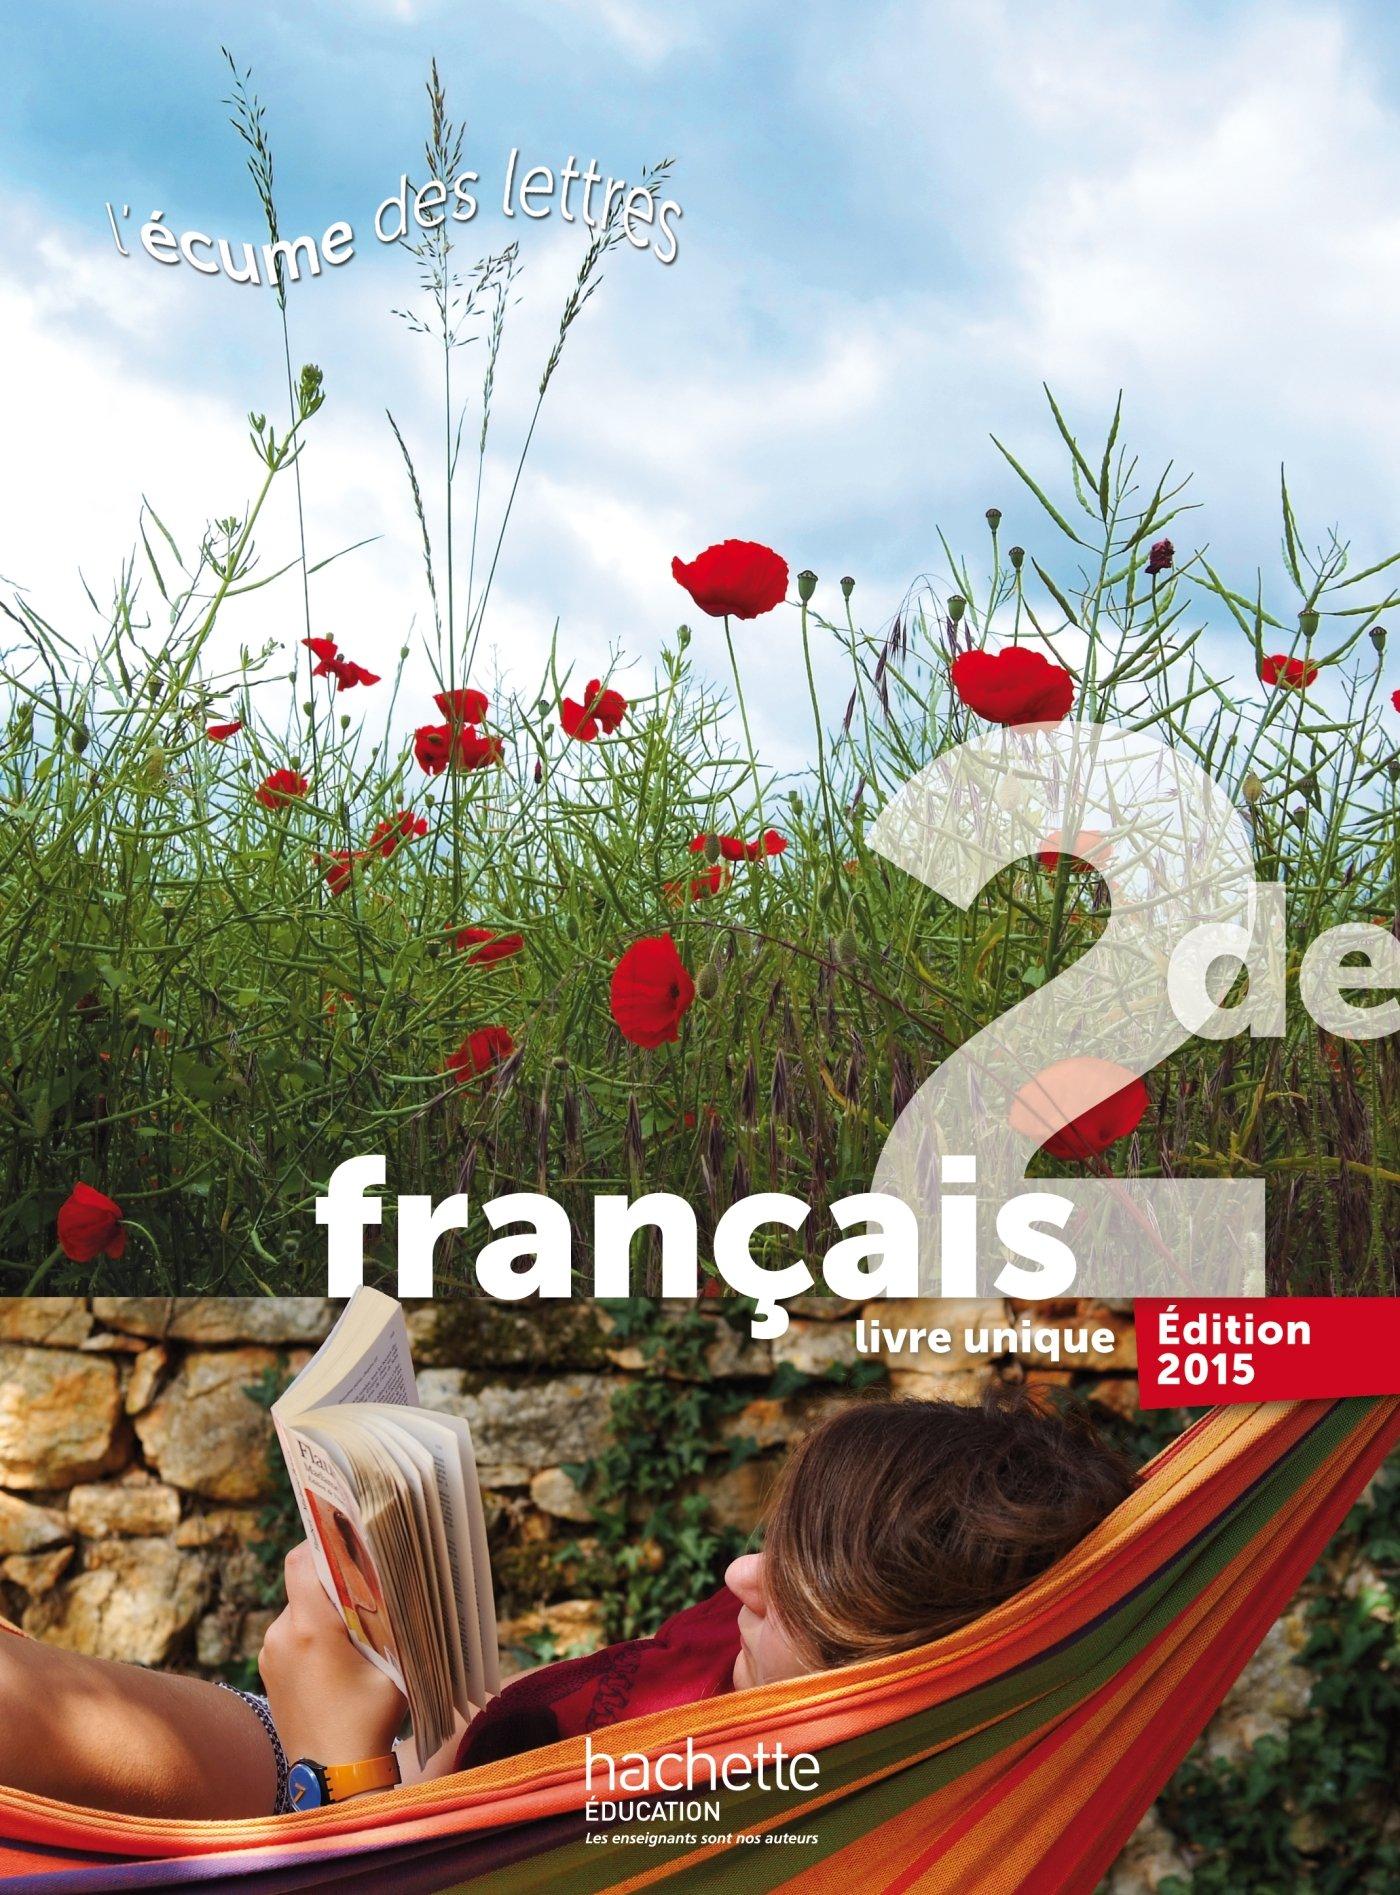 Francais 2de Livre Unique L Ecume Des Lettres Valerie